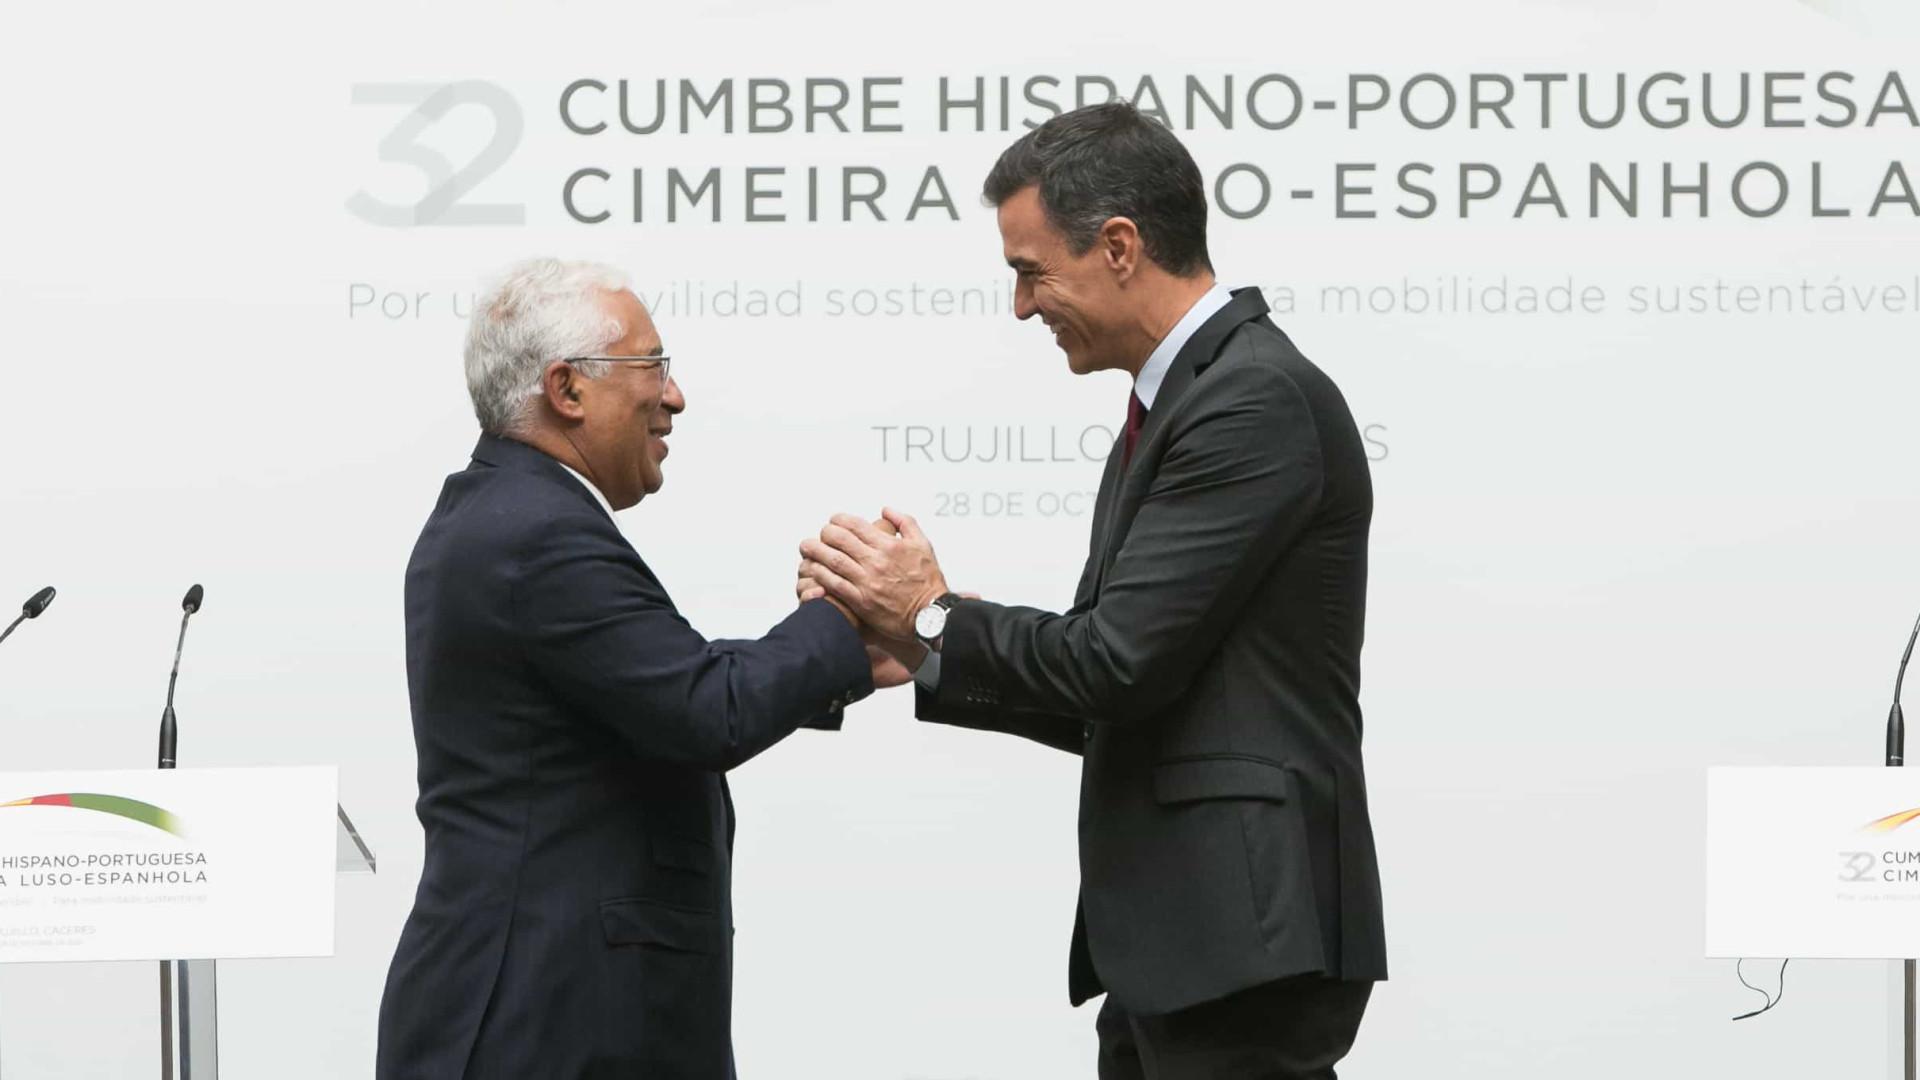 PRR. Portugal e Espanha avançam com projetos conjuntos em quatro áreas